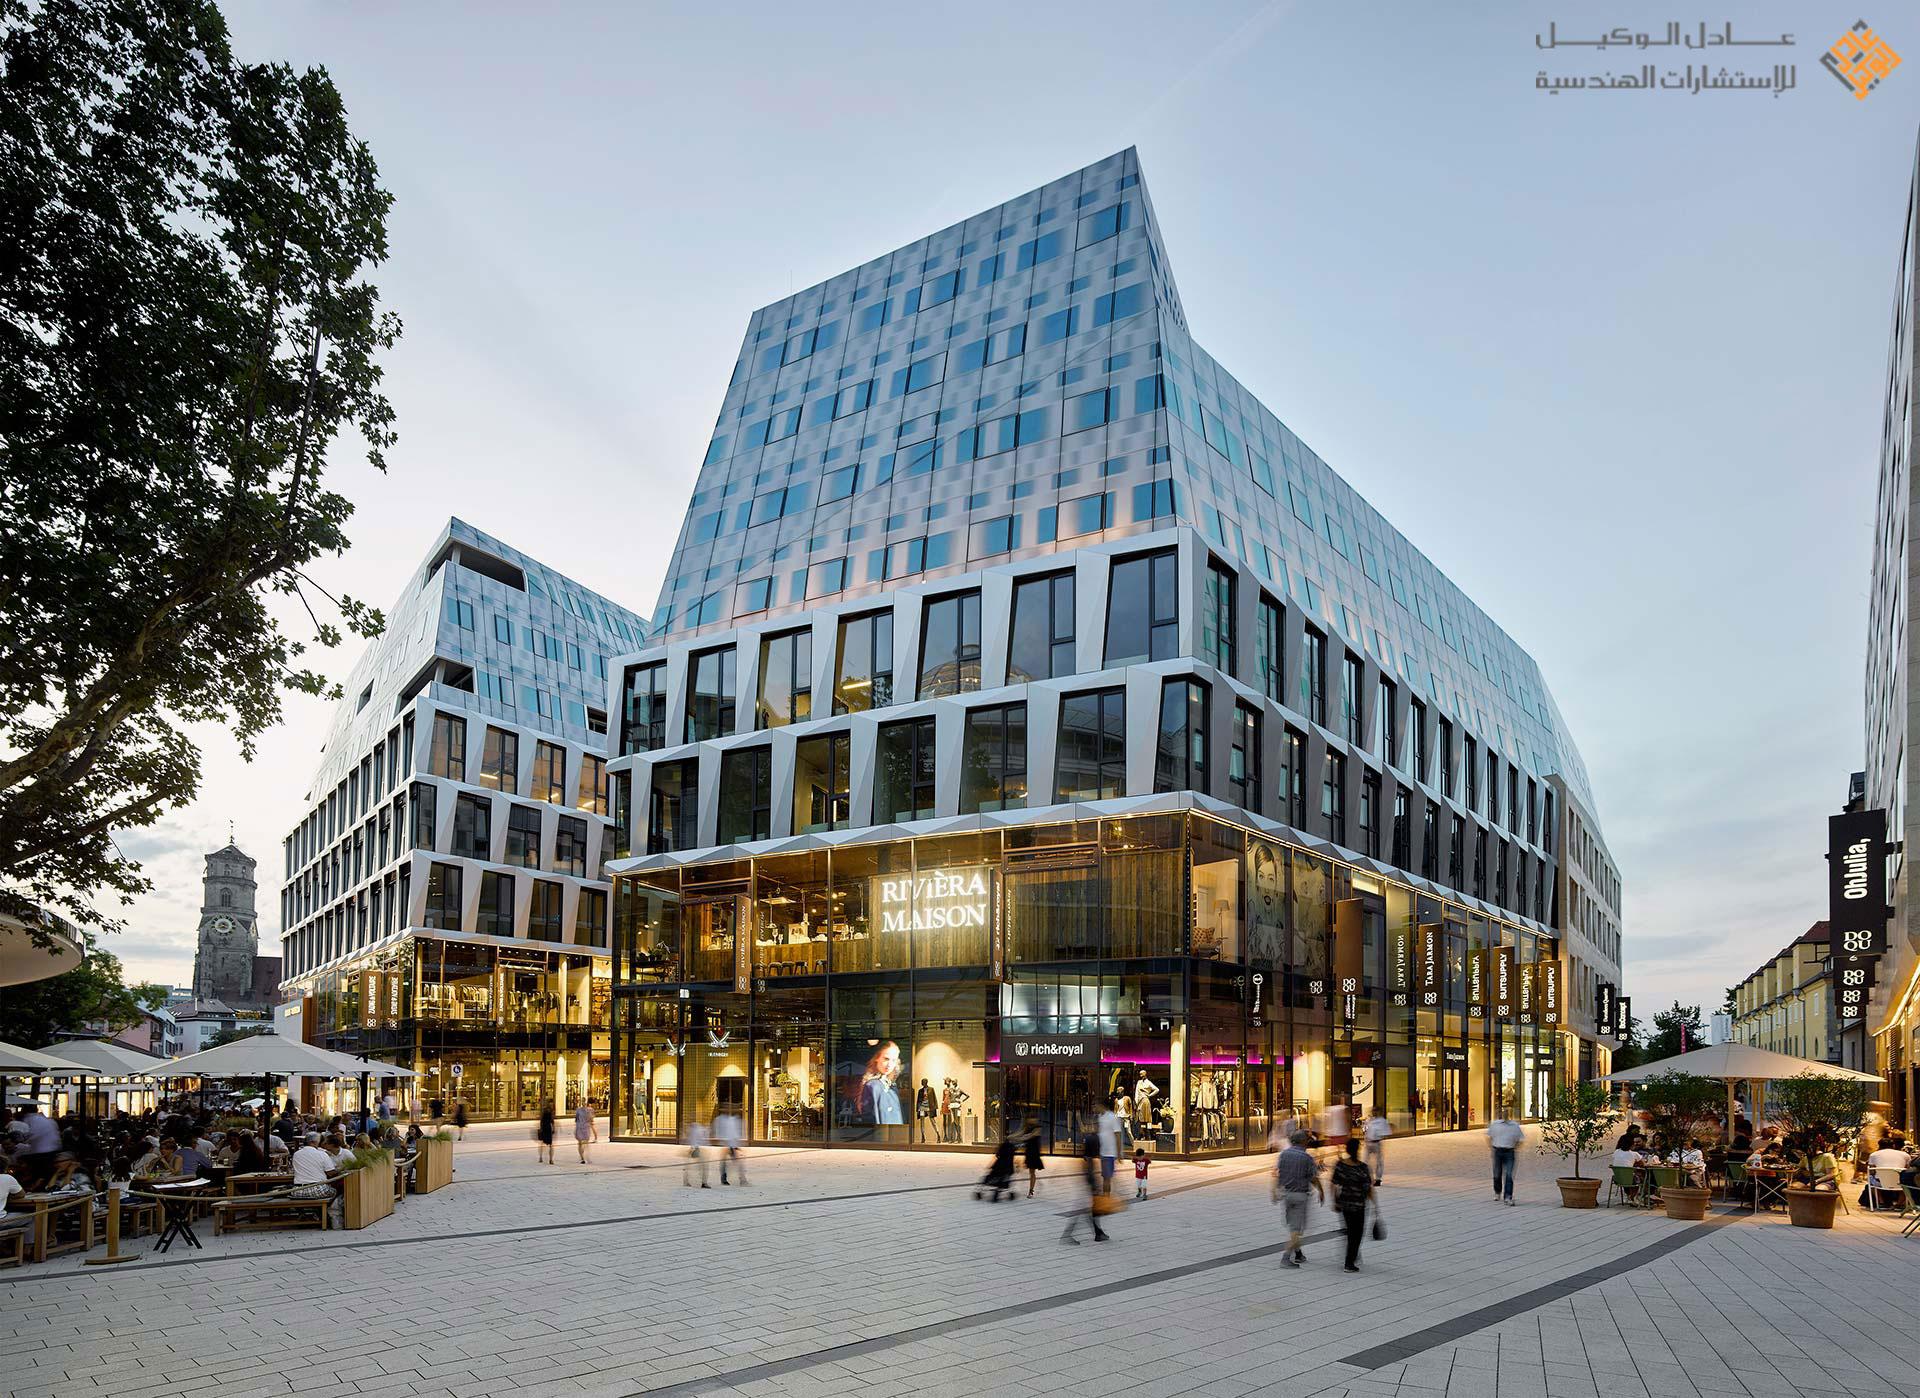 التصميم المعماري الحديث